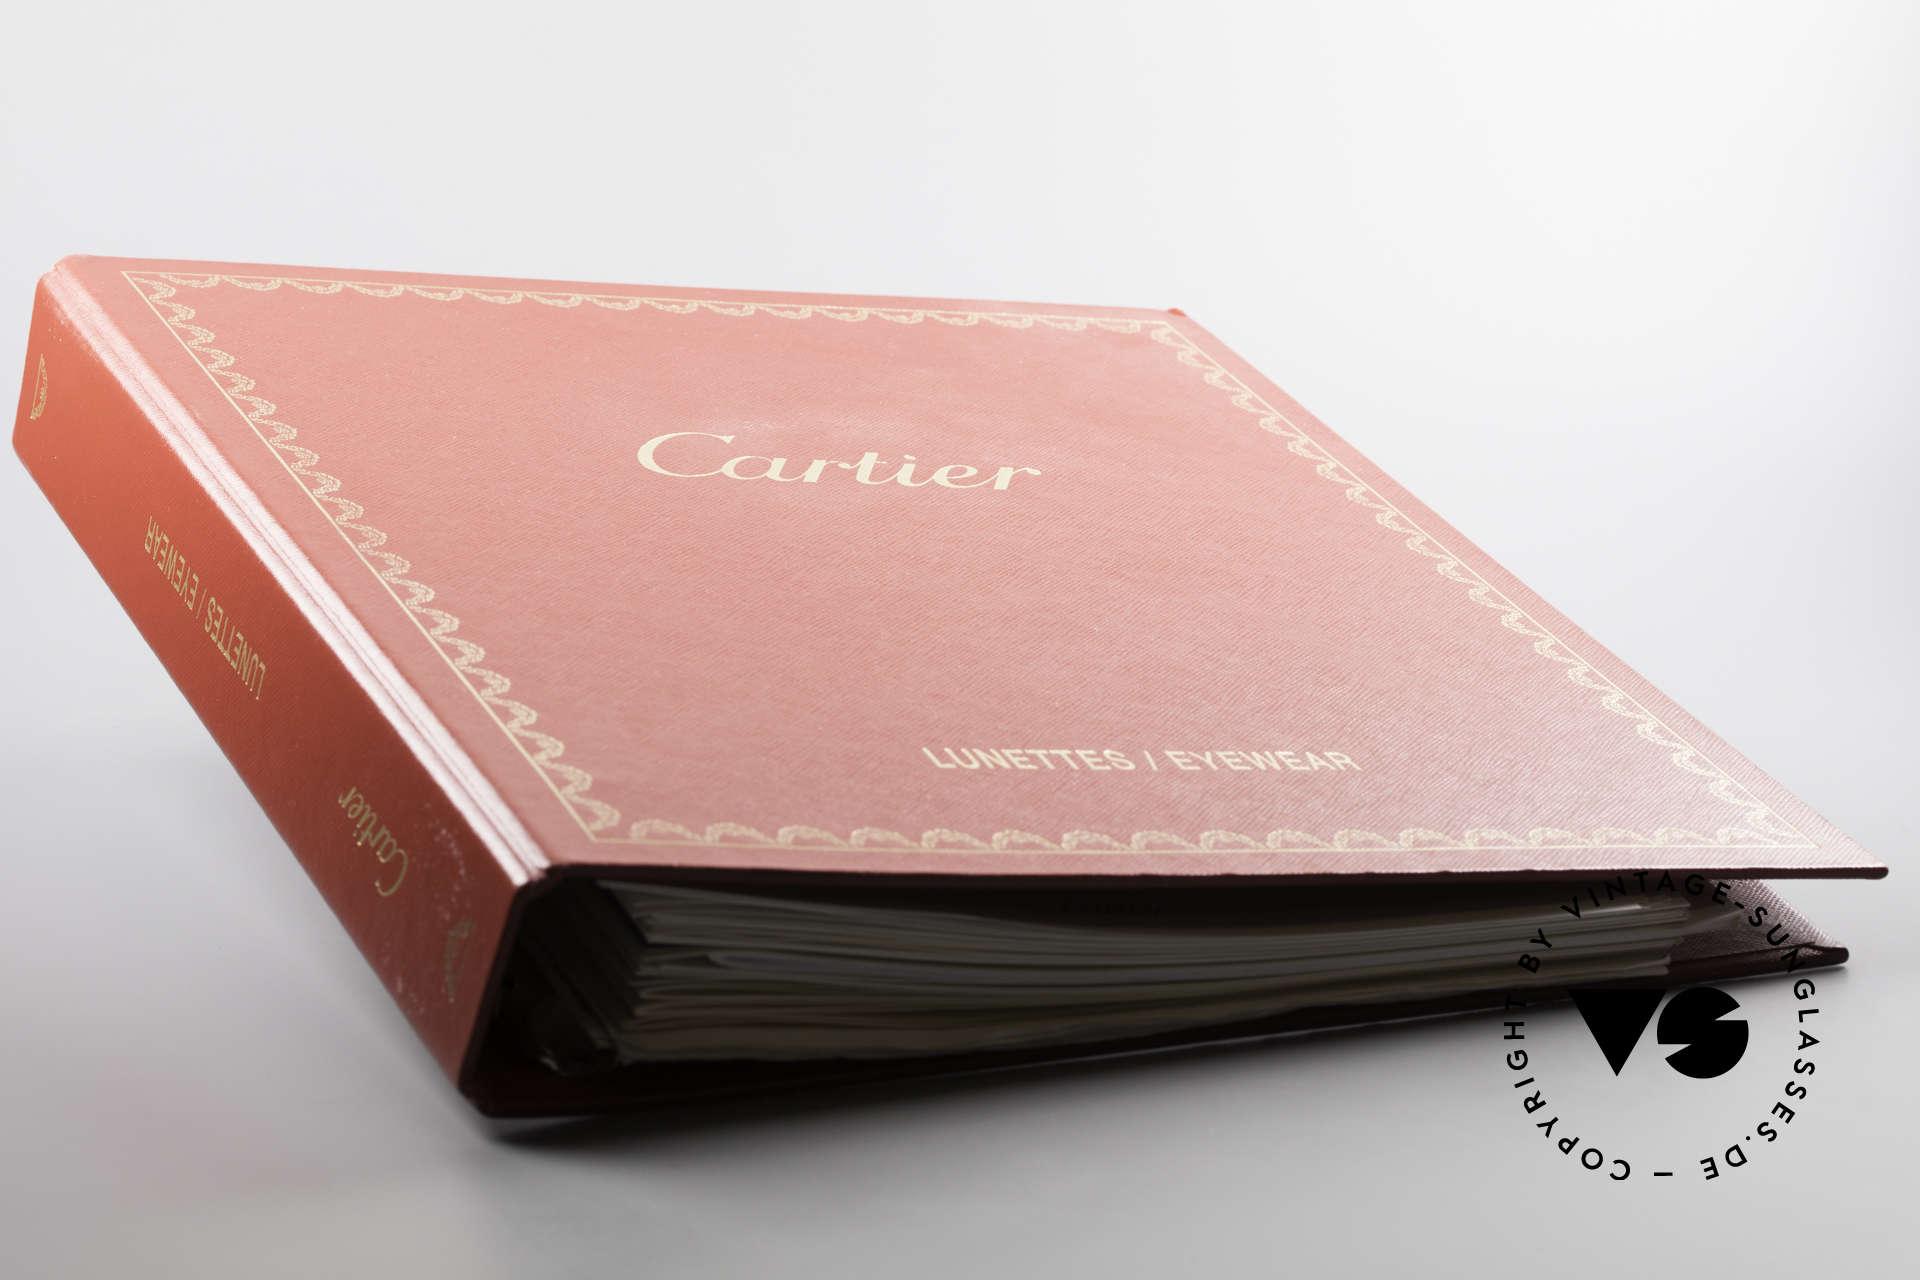 Cartier_ Catalog Cartier Journal Preislisten, mit Preislisten der unterschiedlichen Kollektionen, Passend für Herren und Damen